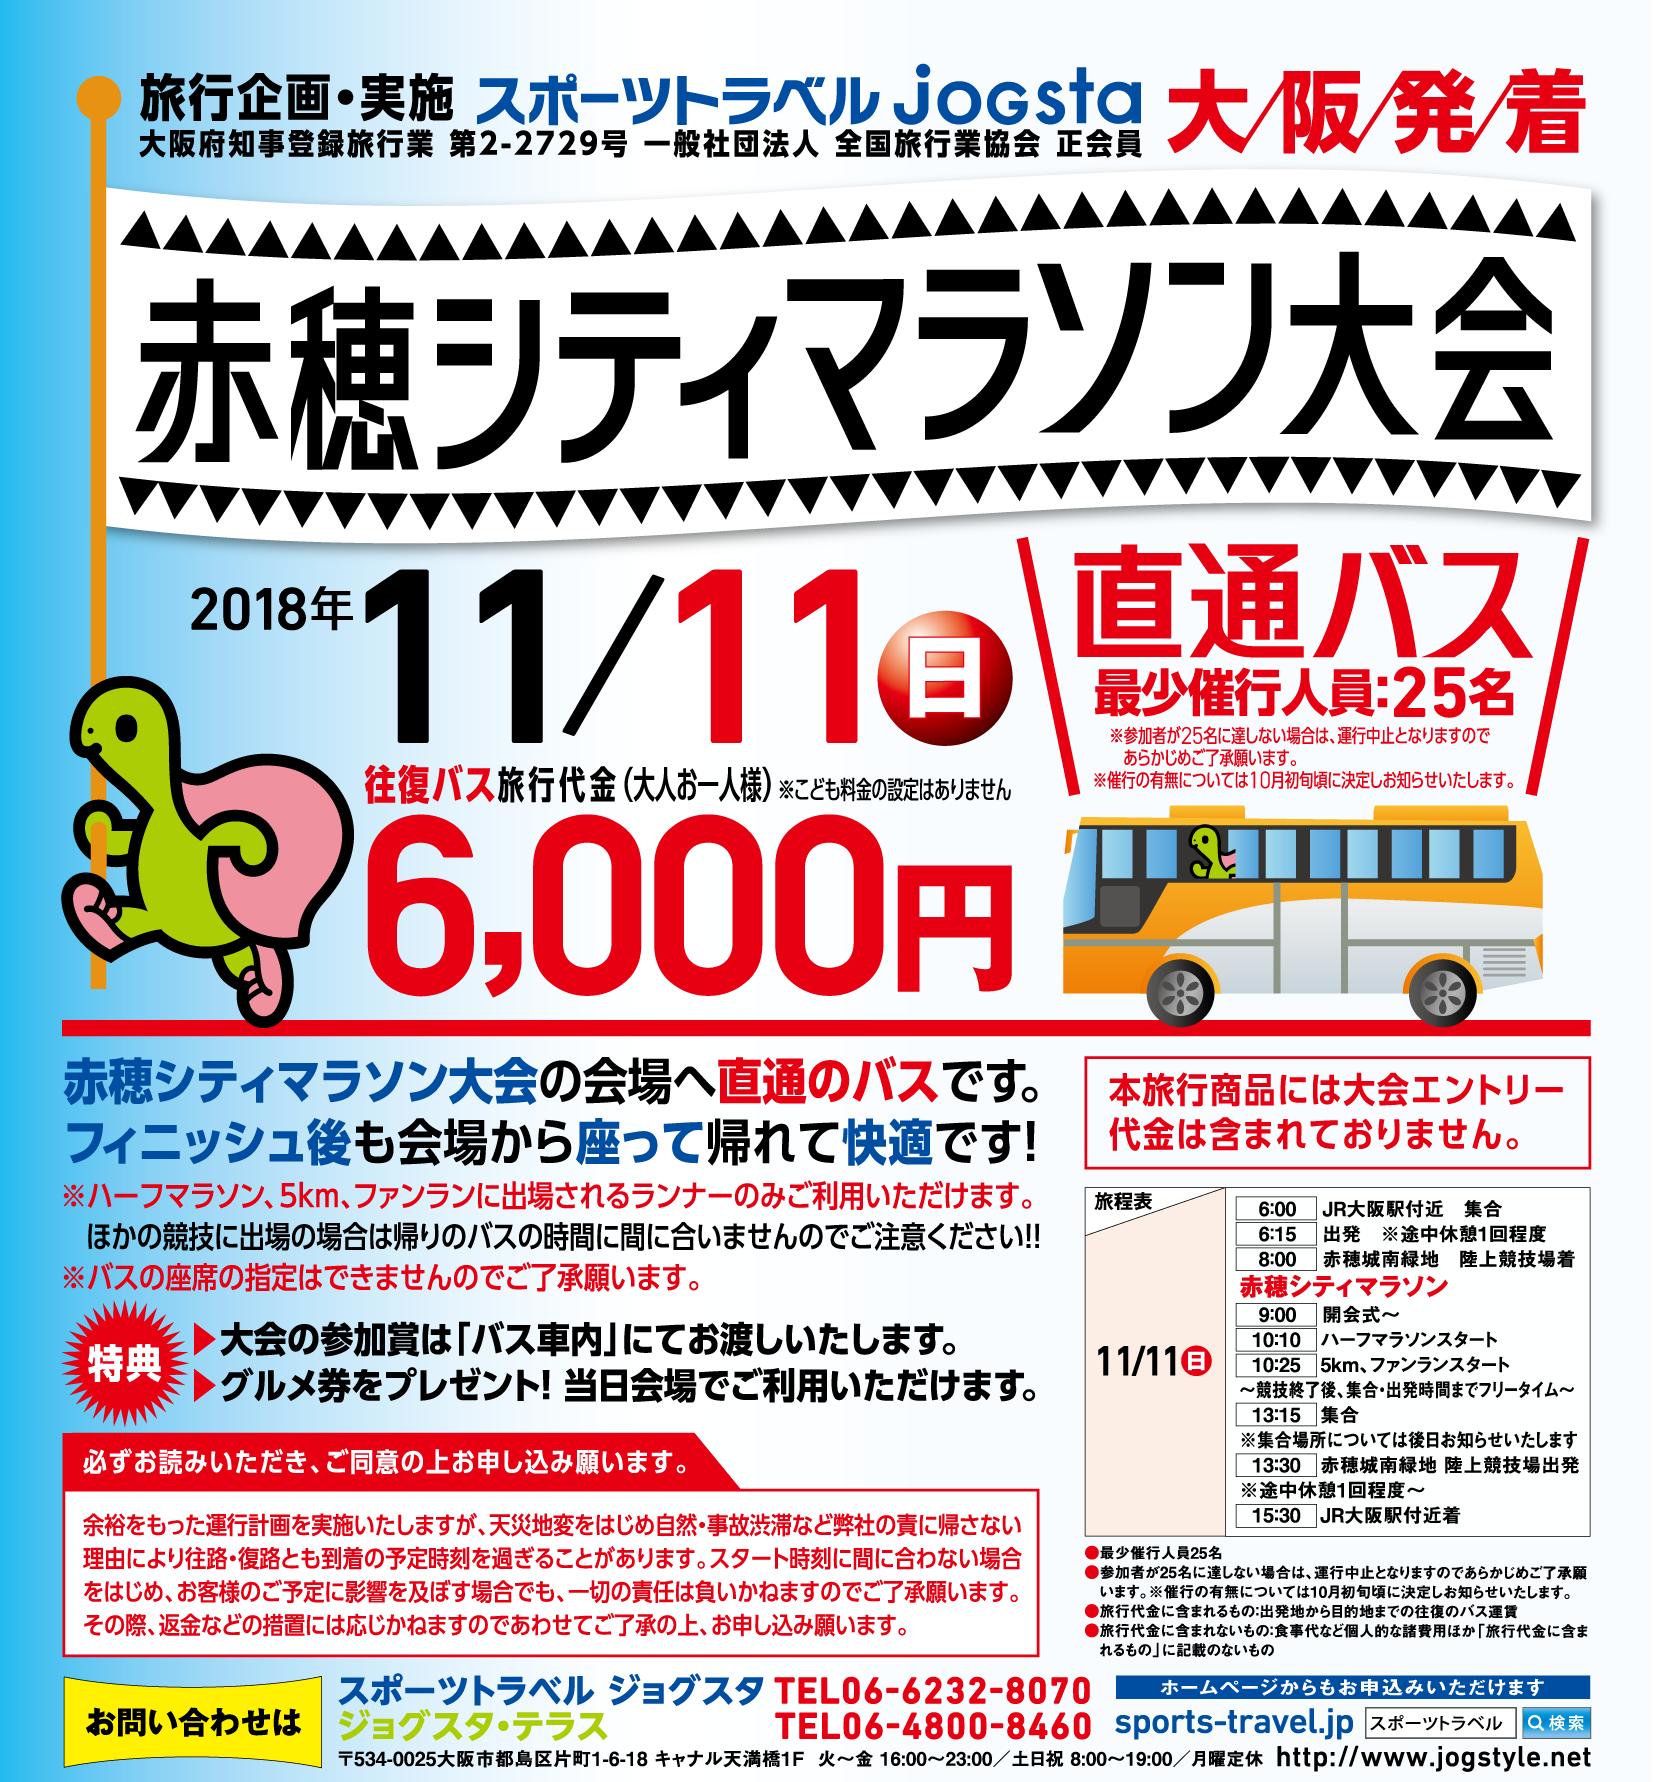 赤穂シティマラソン大会2018直行バスツアー